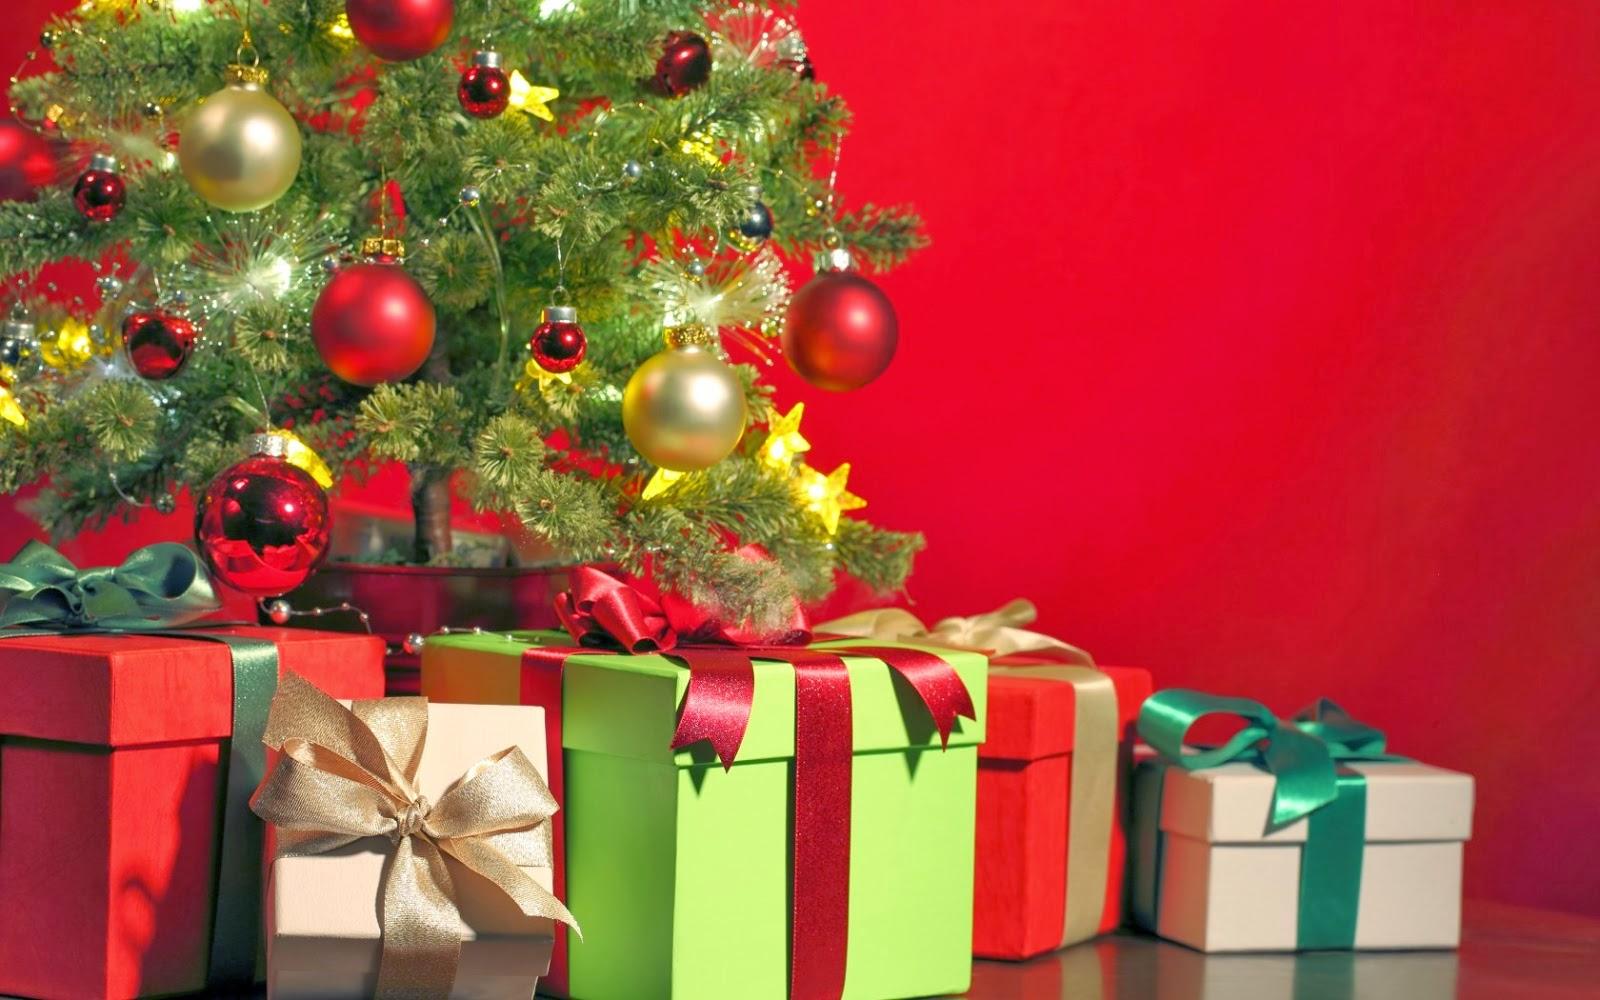 Hinh Nen Chuc Mung Giang Sinh Nhắn Chúc Mừng Giáng Sinh